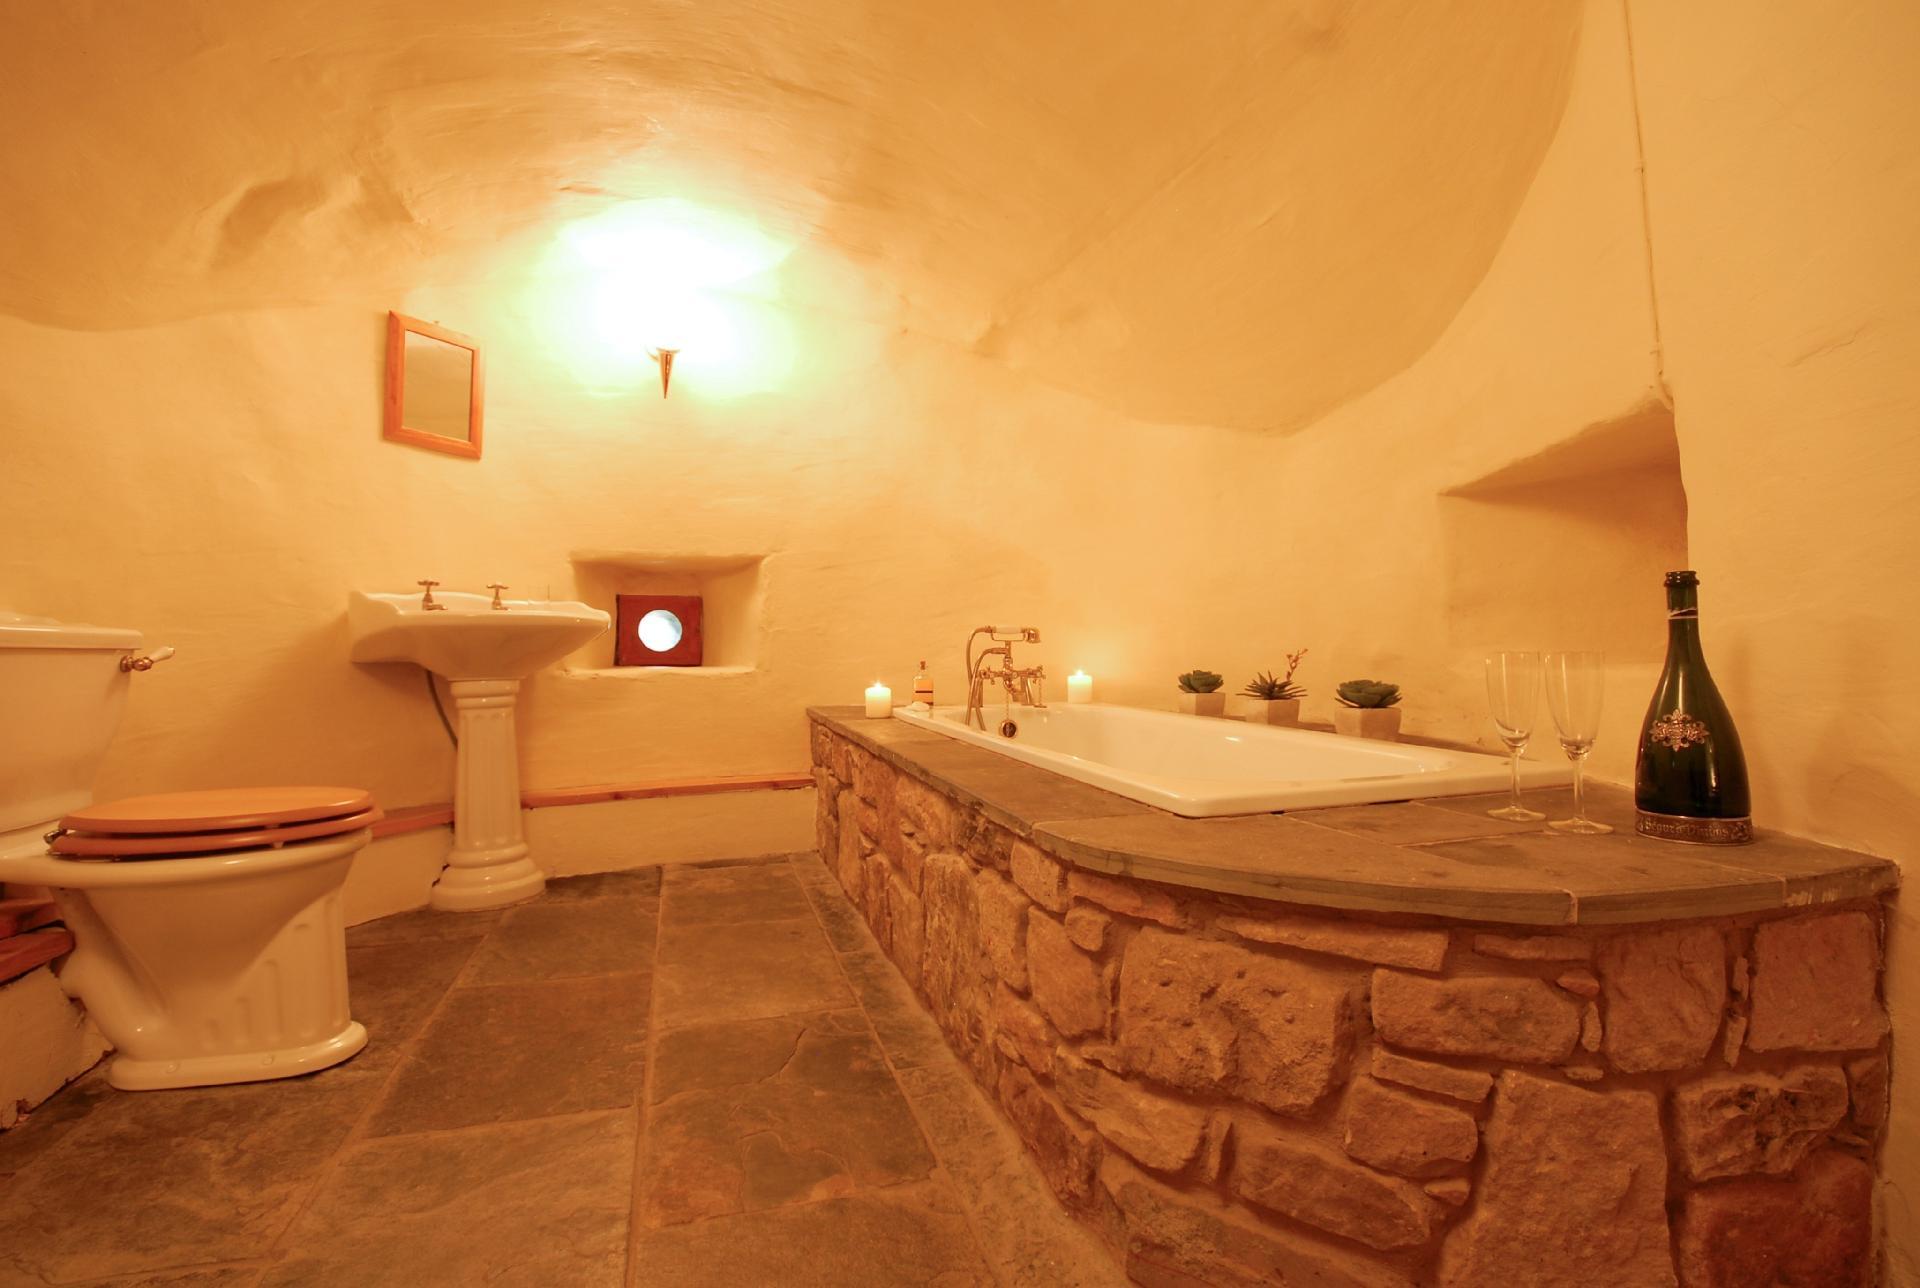 Localizado em Fife, na Escócia, o banheiro acima fica em um castelo histórico, datado no século 12. Por R$ 2.696 a diária, você pode se hospedar e utilizar o espaço, que conta com as louças brancas, contrastando com detalhes em dourado e vasos de plantas. A banheira antiga é feita em pedras